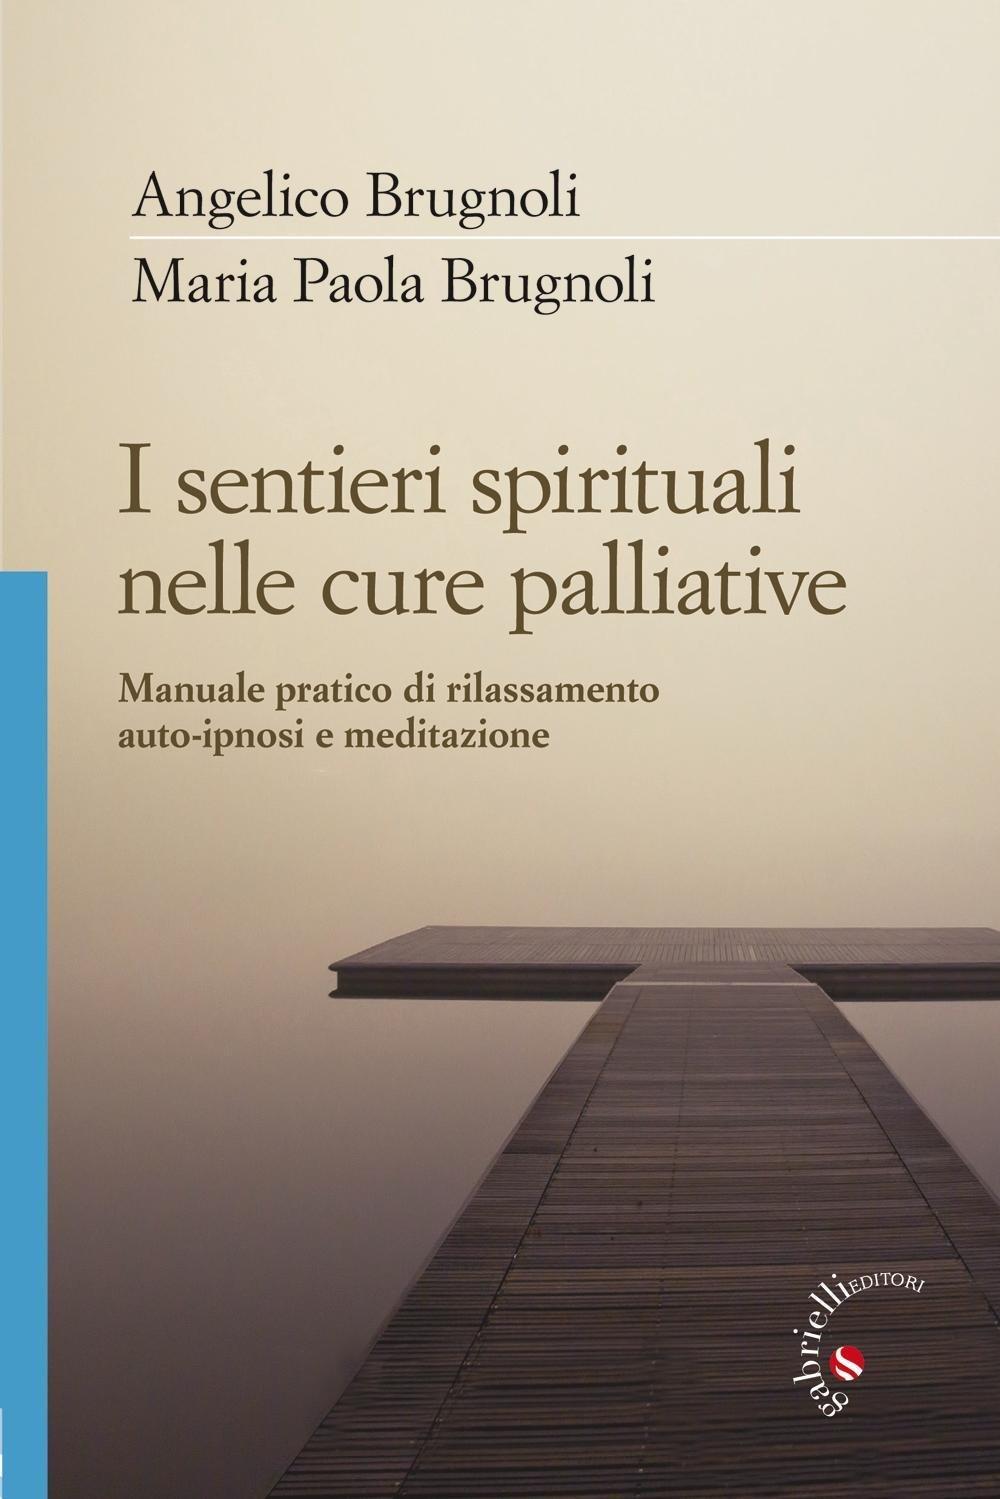 I sentieri spirituali nelle cure palliative. Manuale pratico di rilassamento, auto-ipnosi e meditaz